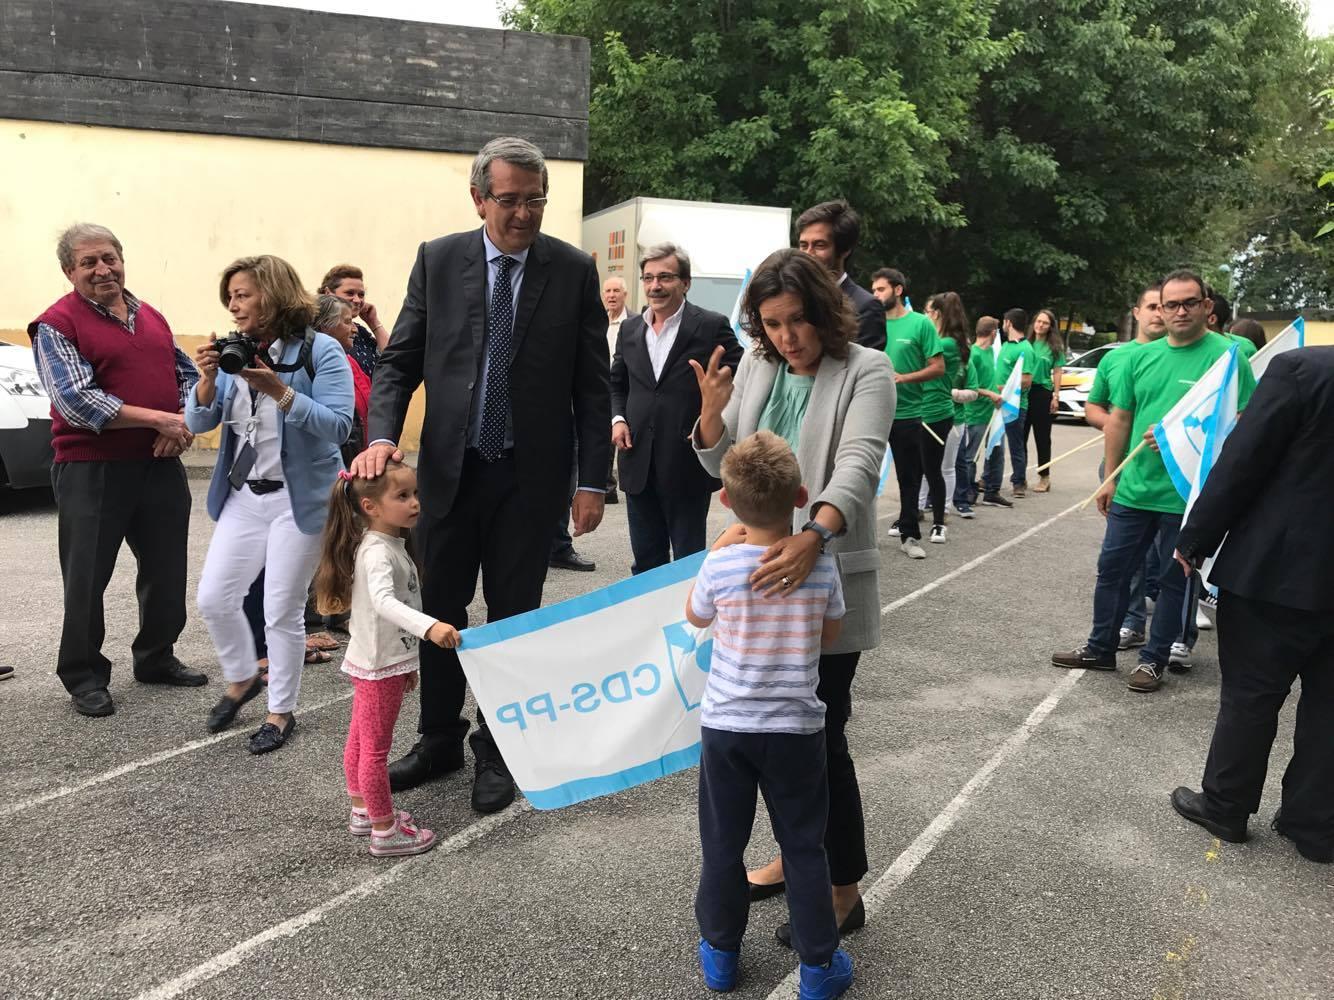 """José Pinheiro recandidata-se à Câmara para """"Fazer Crescer Vale de Cambra"""""""